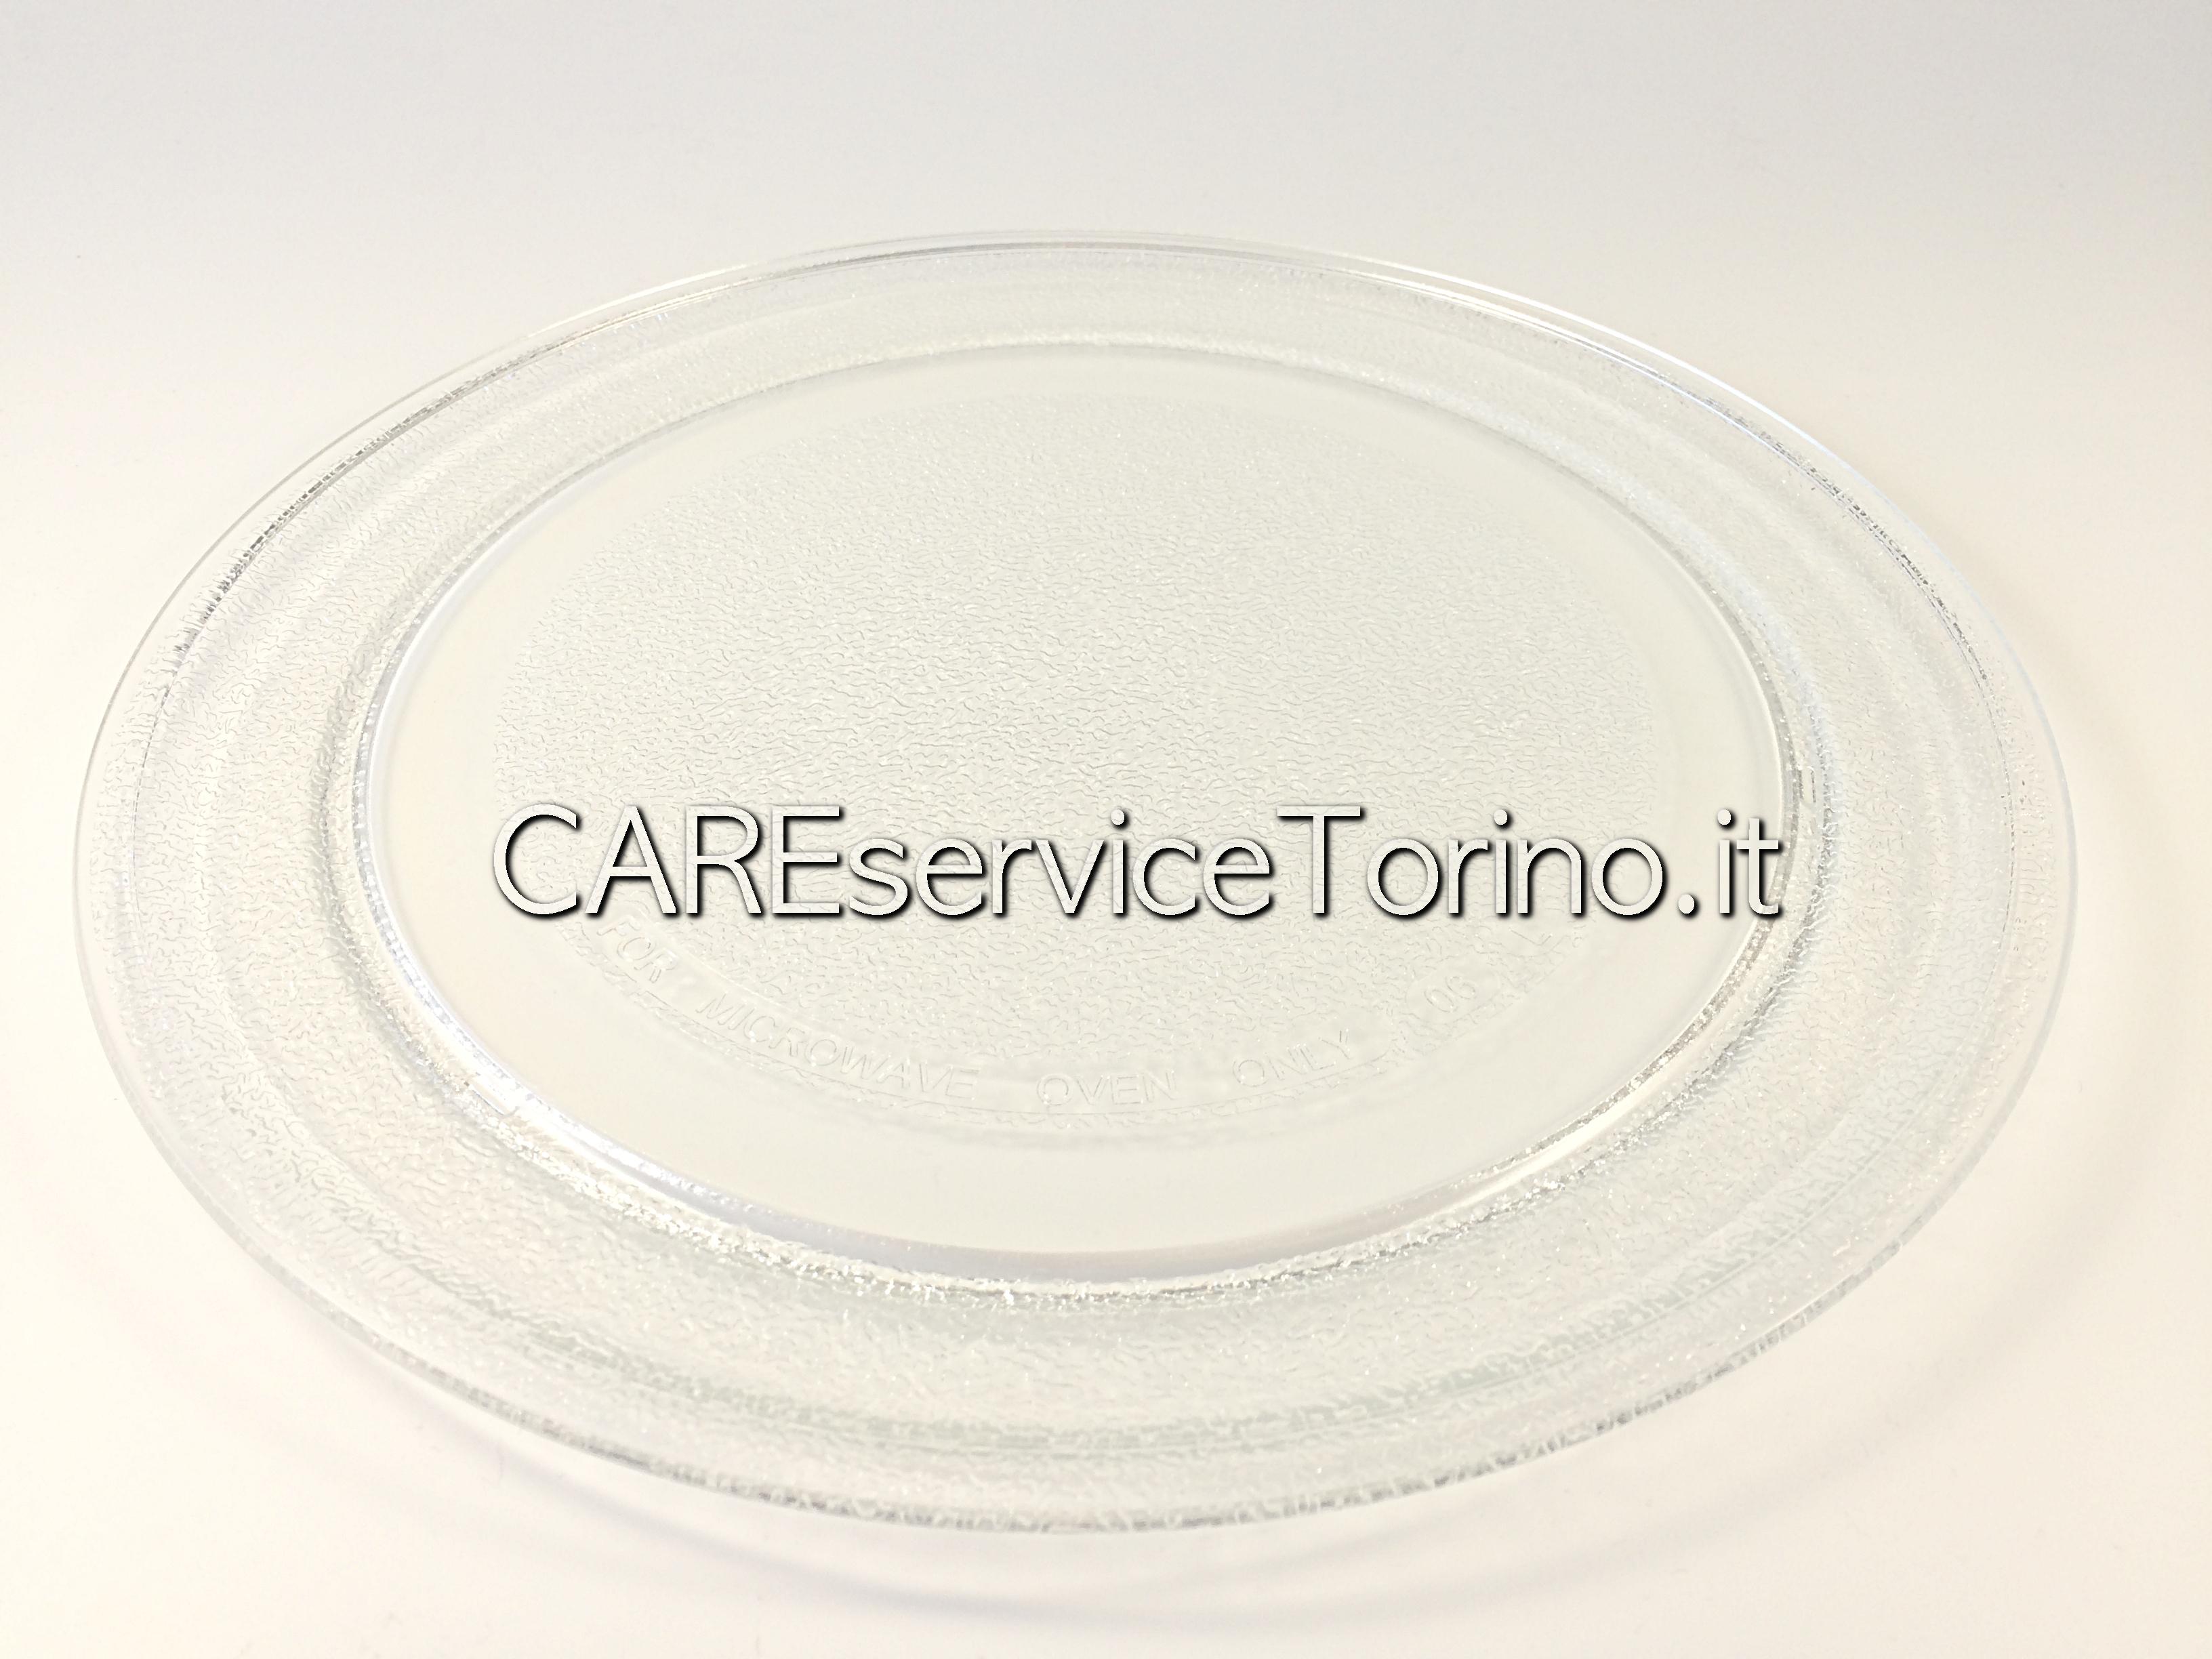 Cs, CAREservice 3390W1A035C-3 MICROONDE | Piatto [Cod.3390W1A035C] DeLonghi Microonde Piatti Vetro  3390W1A035C